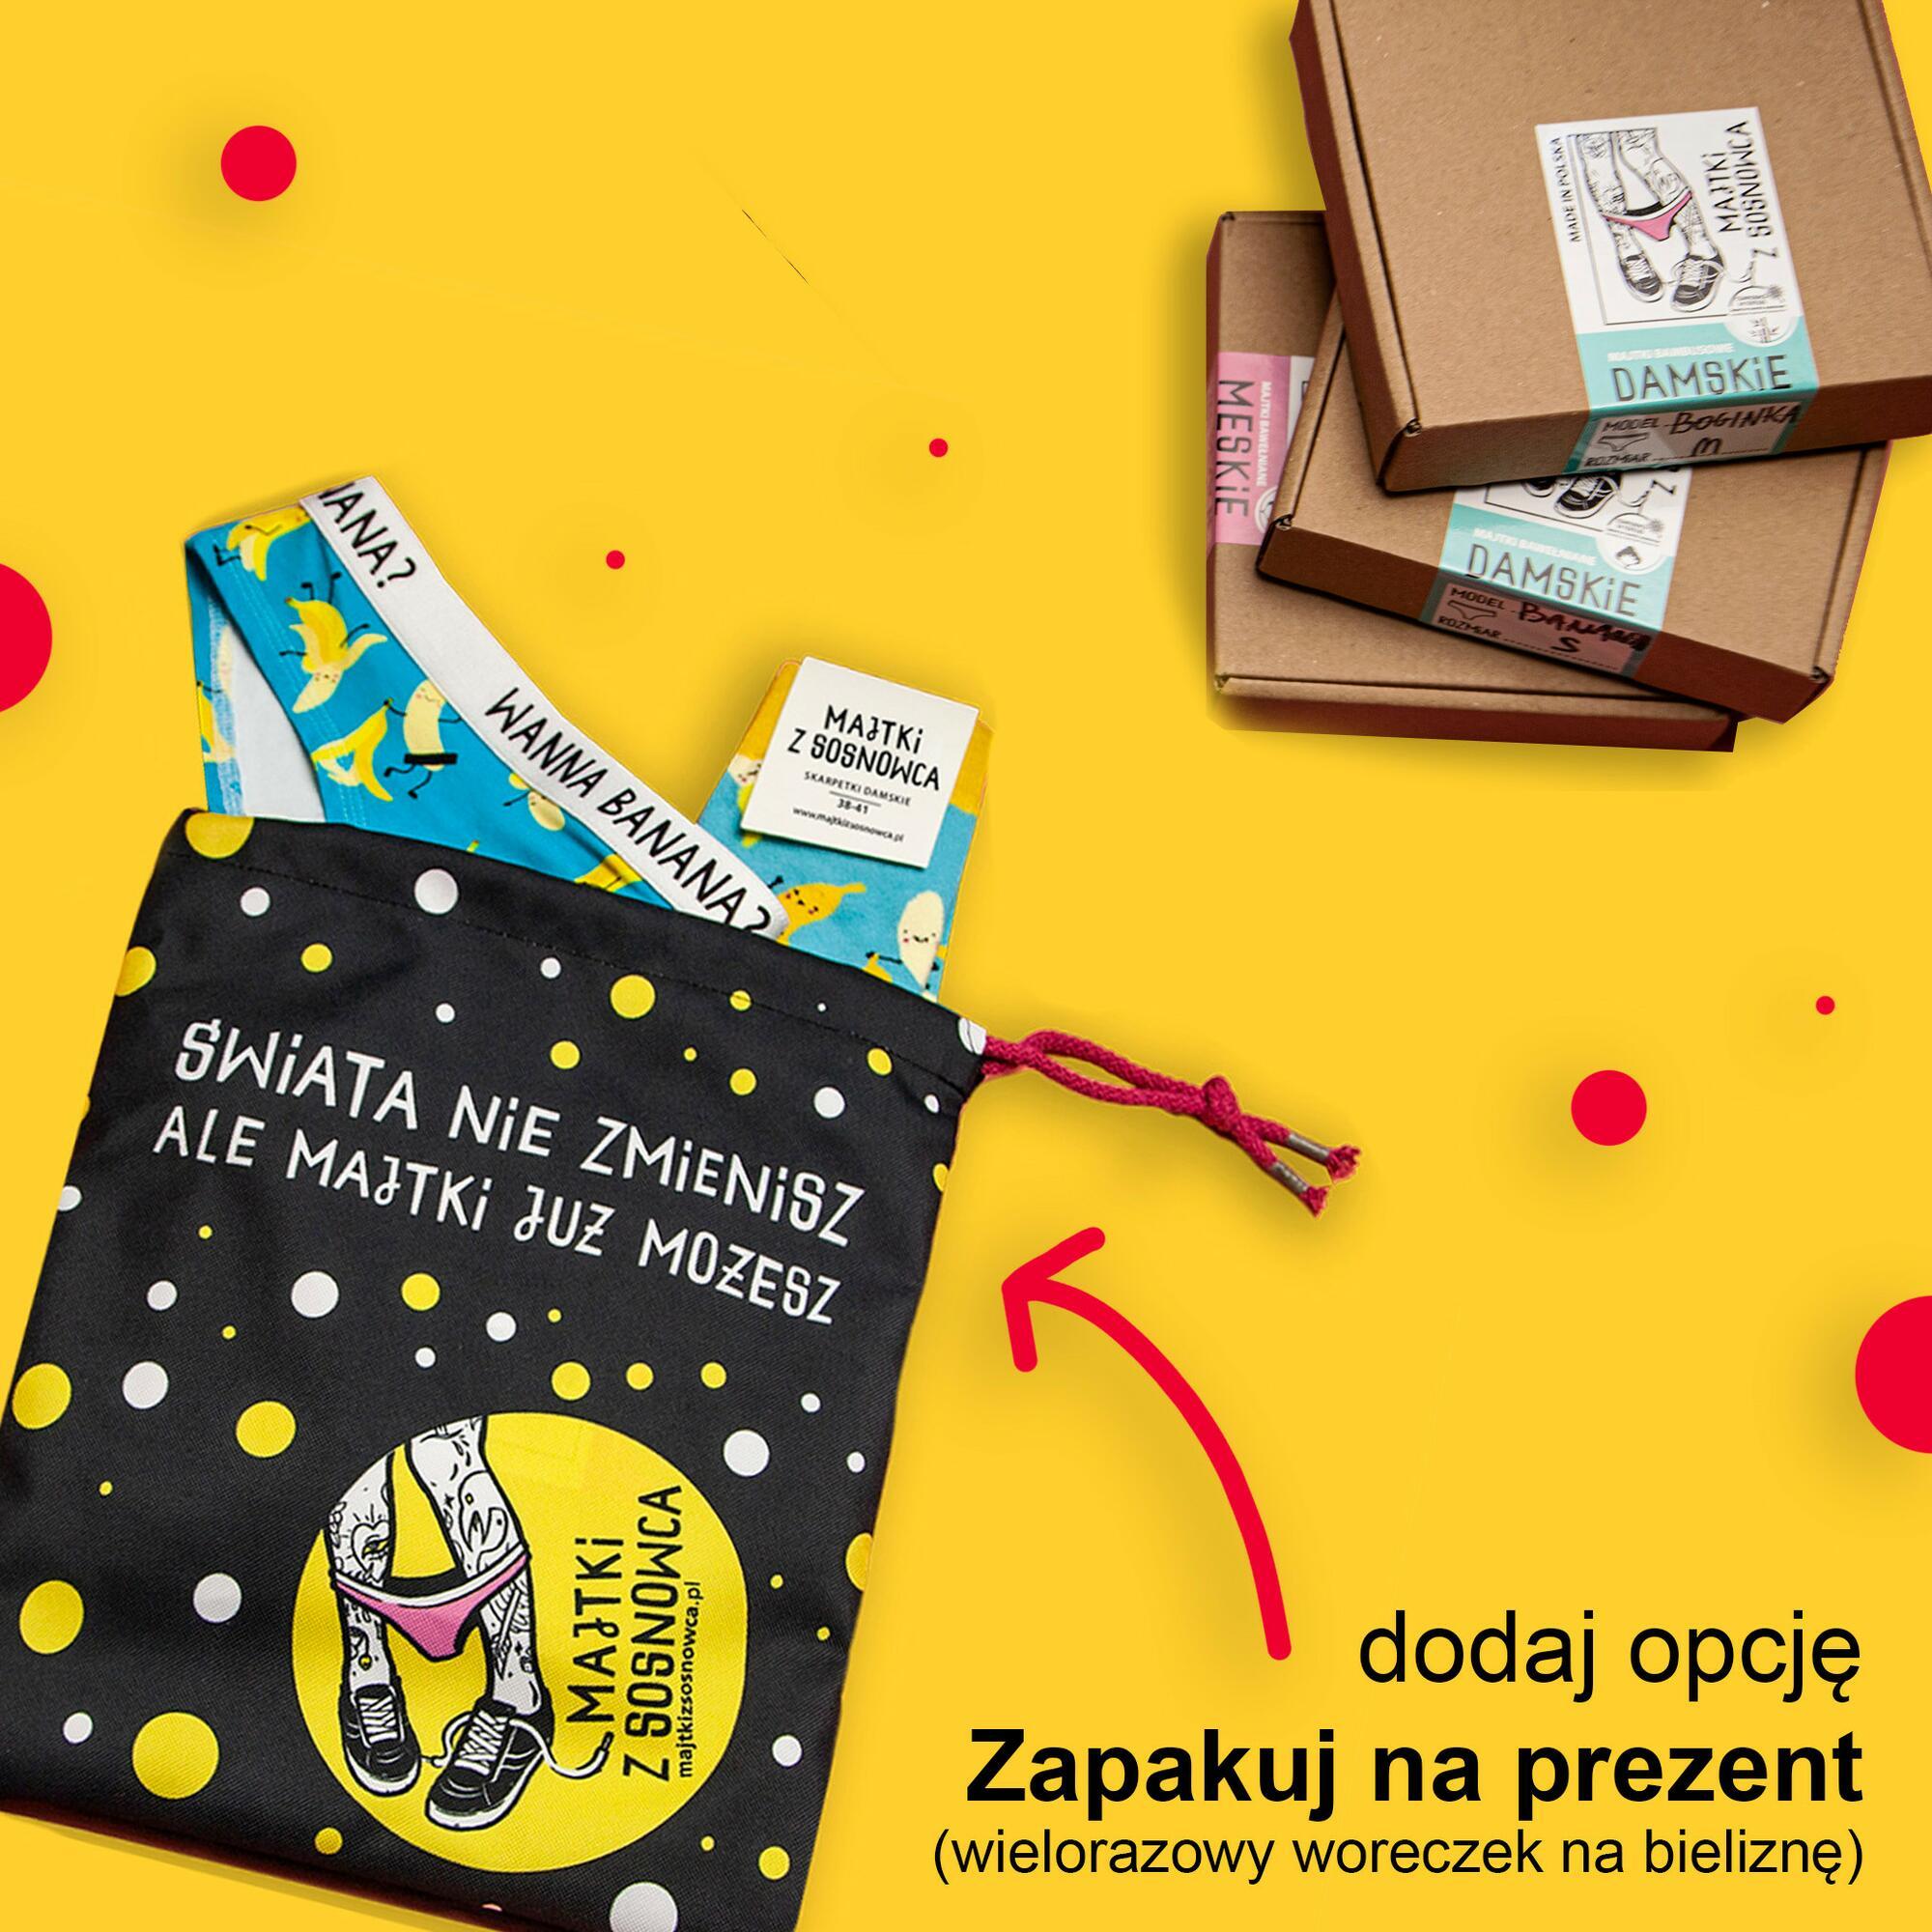 Majtki do zwiedzania - figi bawełniane damskie - Majtki z Sosnowca by After Panty   JestemSlow.pl